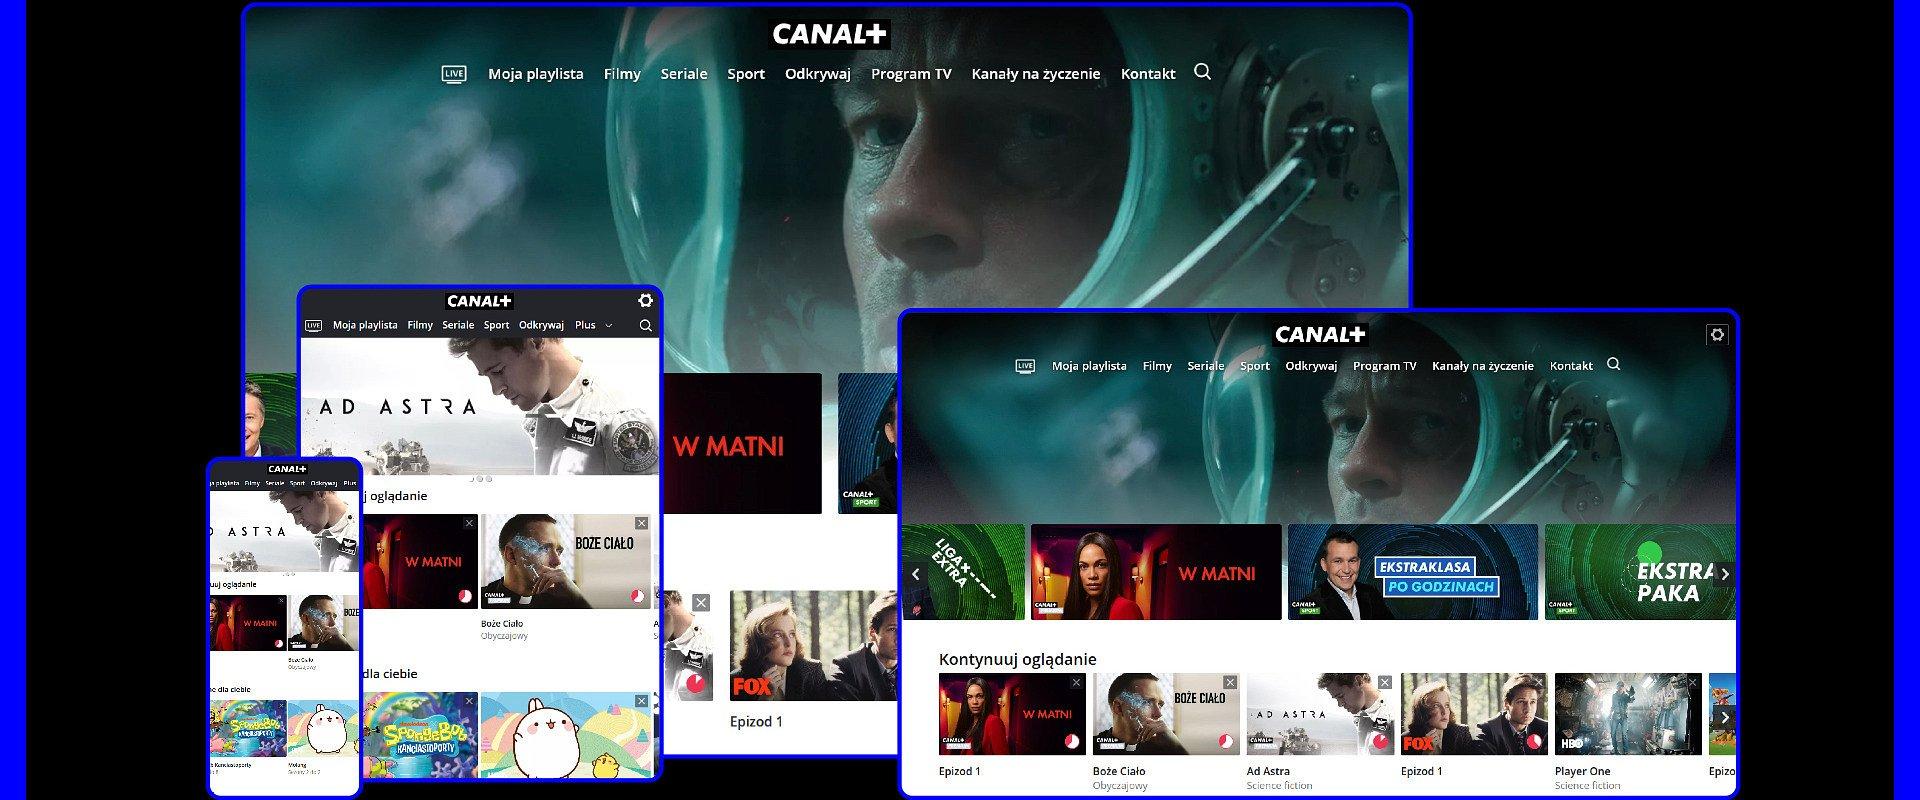 CANAL + łączy telewizję z VOD. Nowa usługa bez umowy, kabla i anteny.